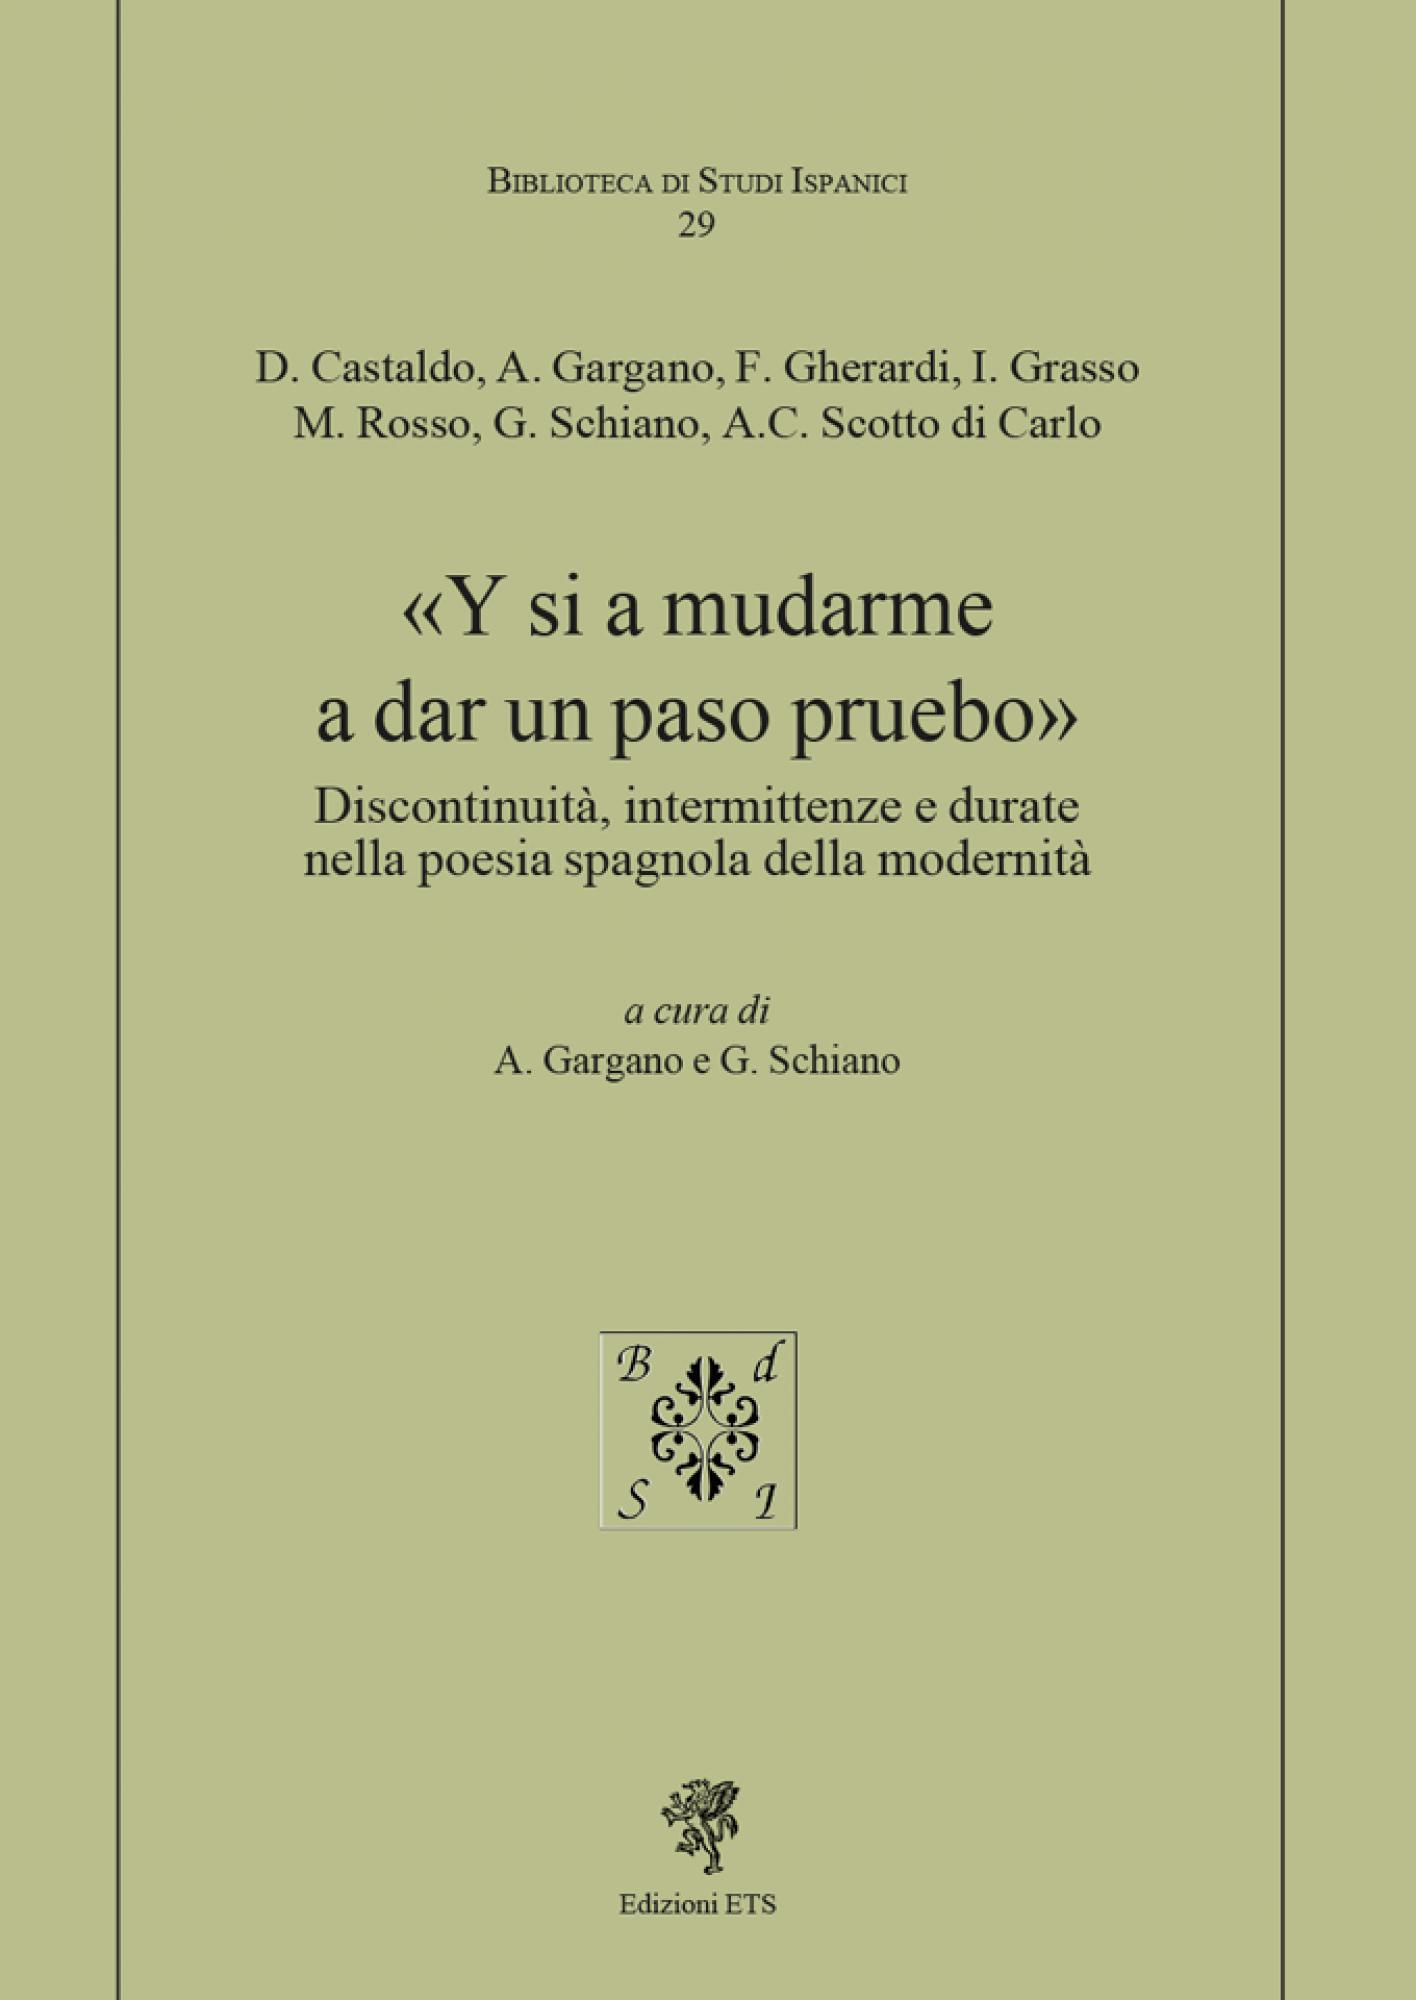 «Y si a mudarme a dar un paso pruebo».Discontinuità, intermittenze e durate nella poesia spagnola della modernità